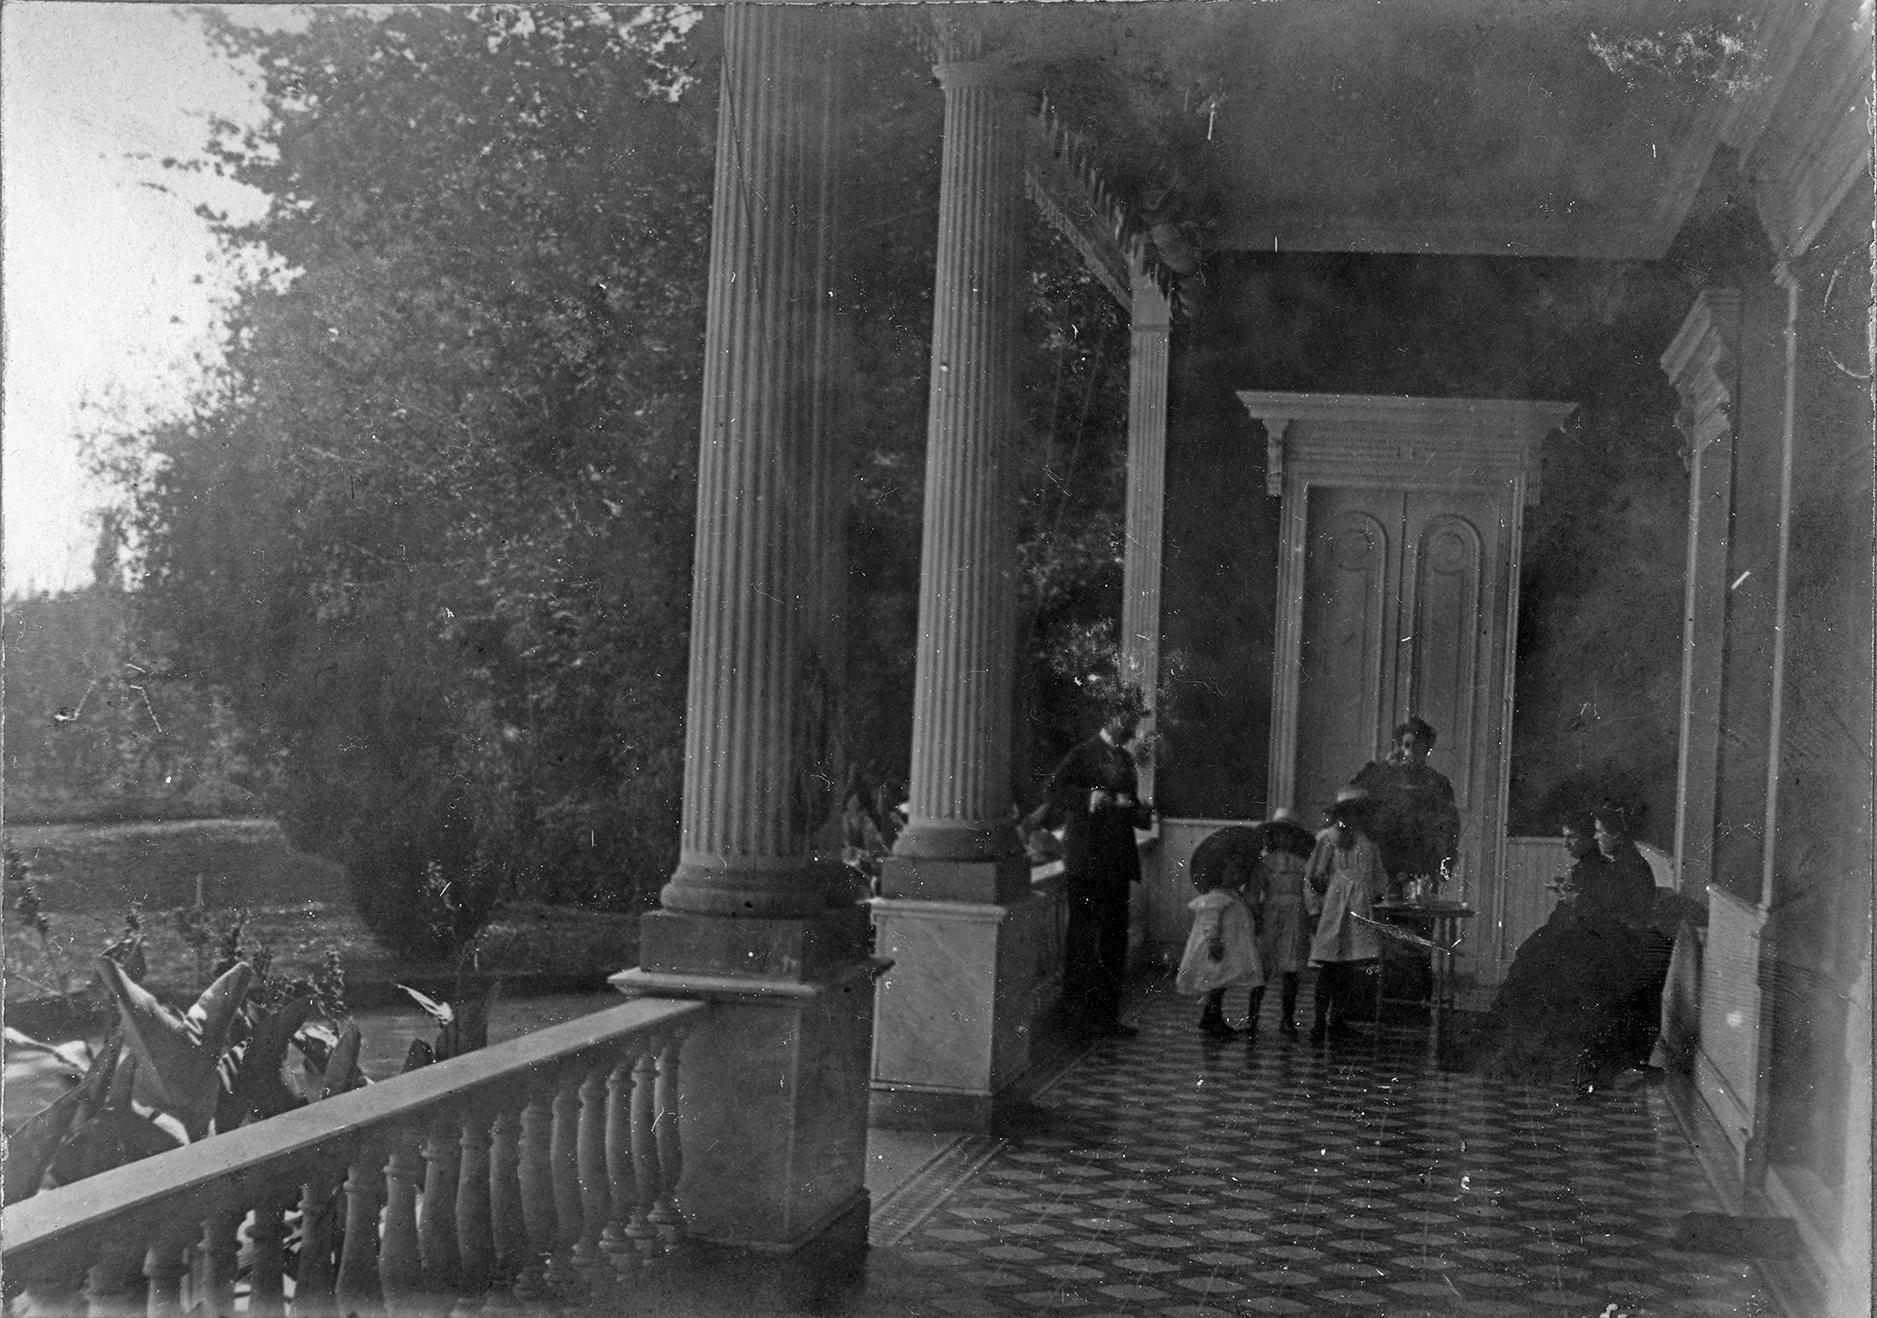 Enterreno - Fotos históricas de chile - fotos antiguas de Chile - Palacio Las Majadas de Pirque, CA 1901